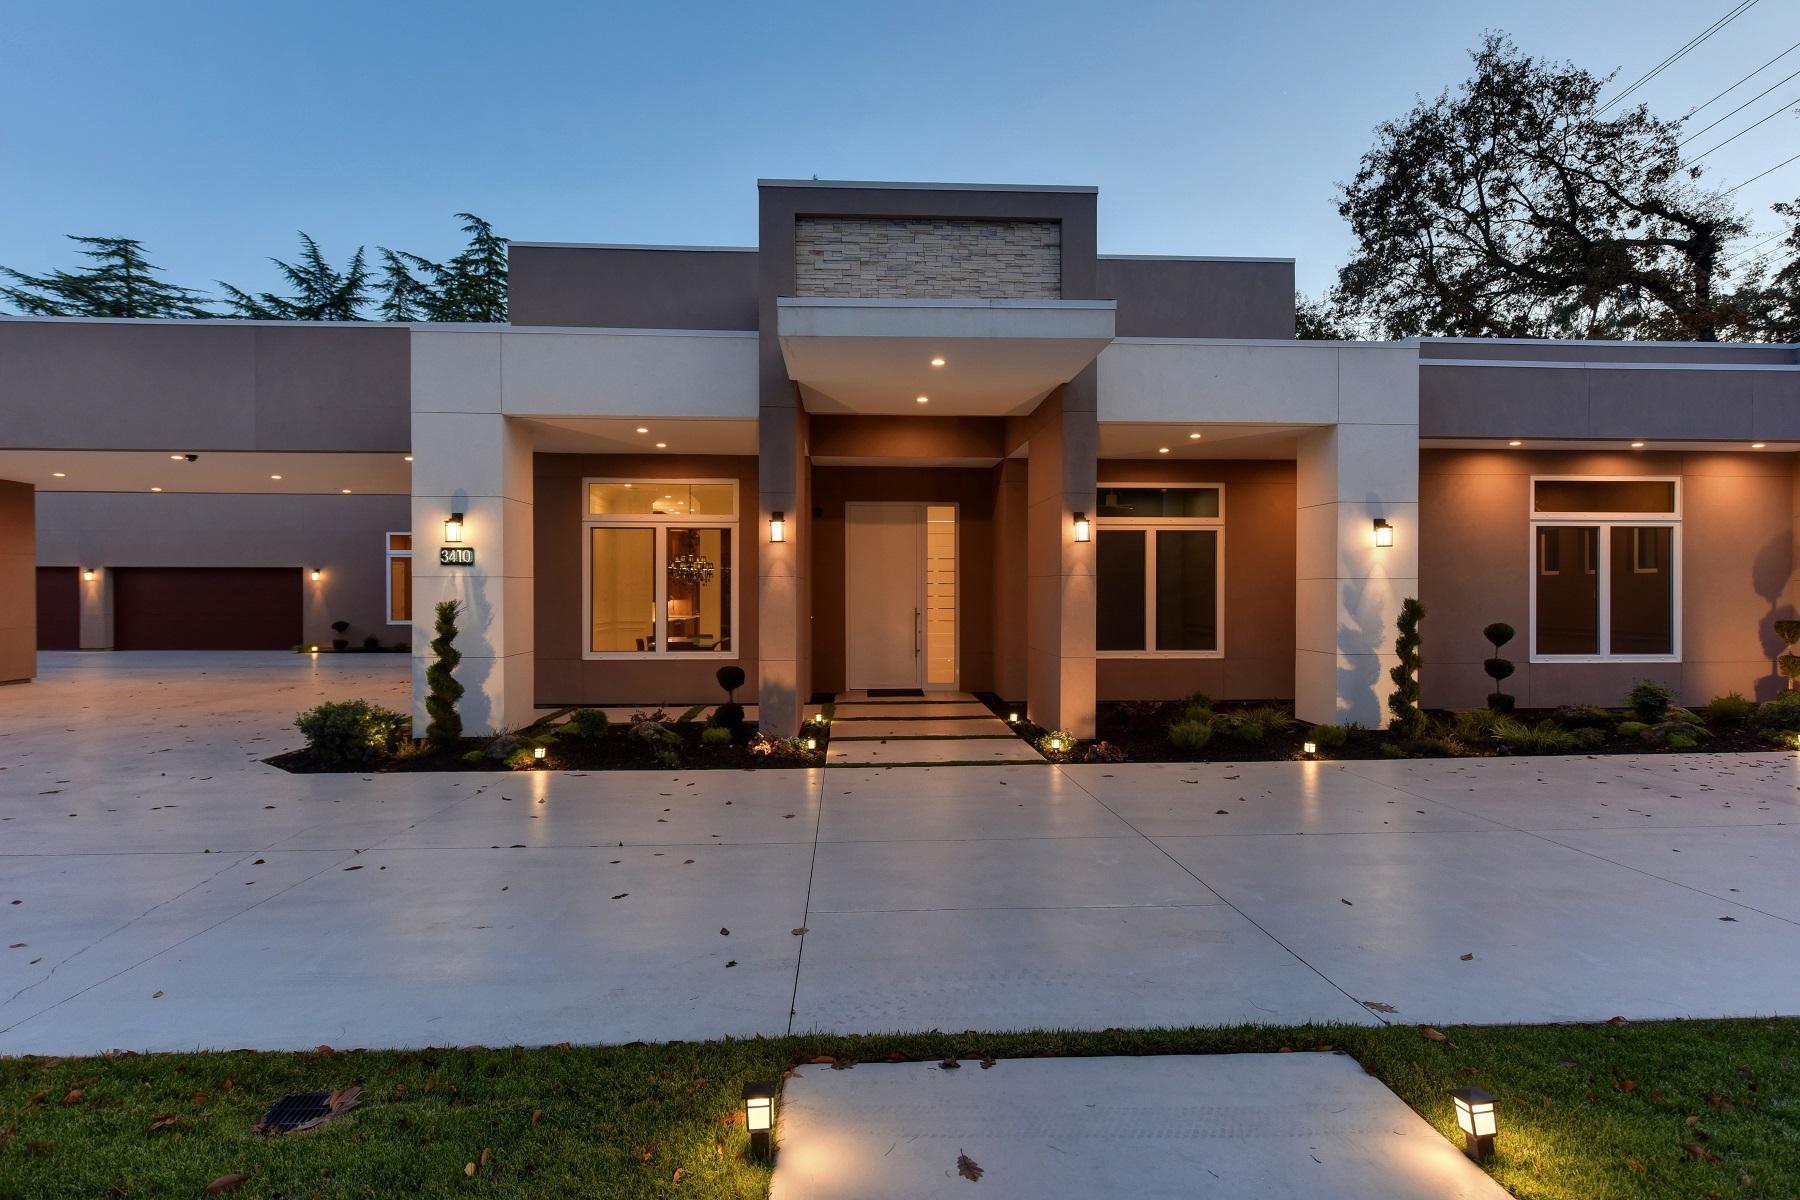 Частный односемейный дом для того Продажа на Adams 3410 Adams Rd Sacramento, 95864 Соединенные Штаты